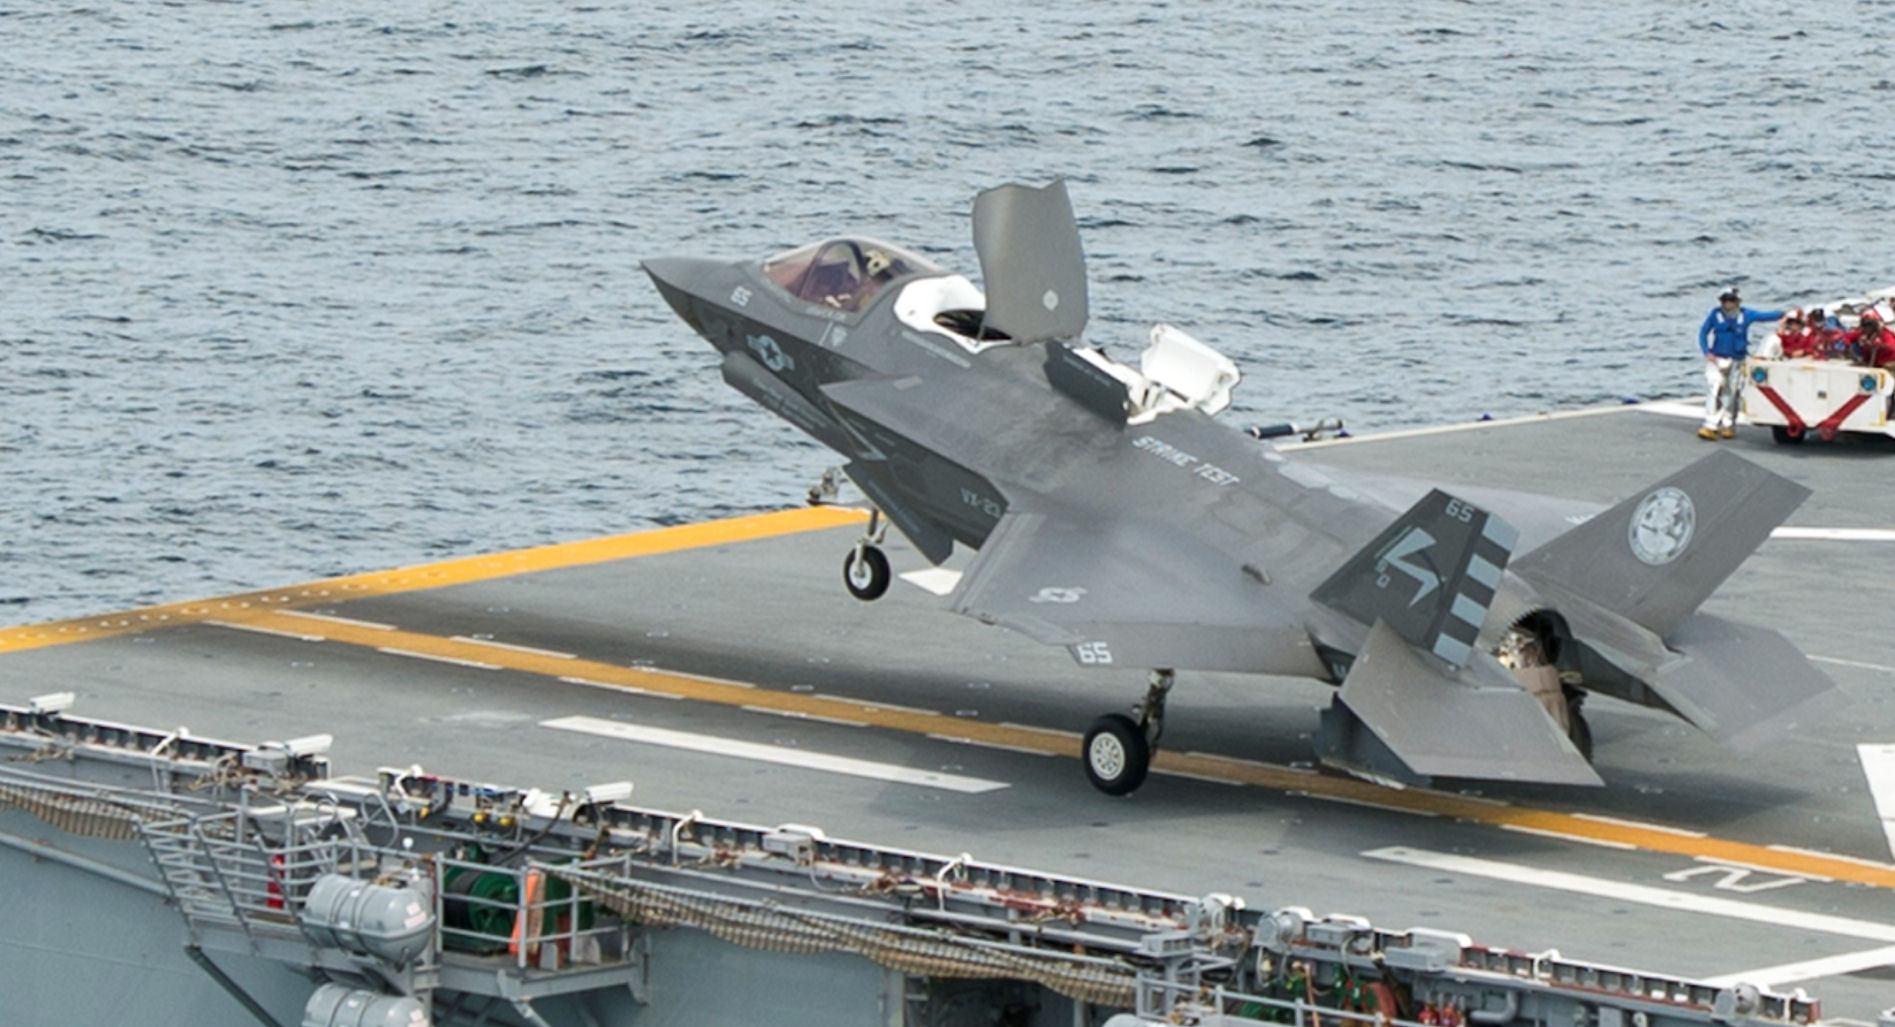 再谈F-35的机动性 - 晨枫 - 晨枫小苑